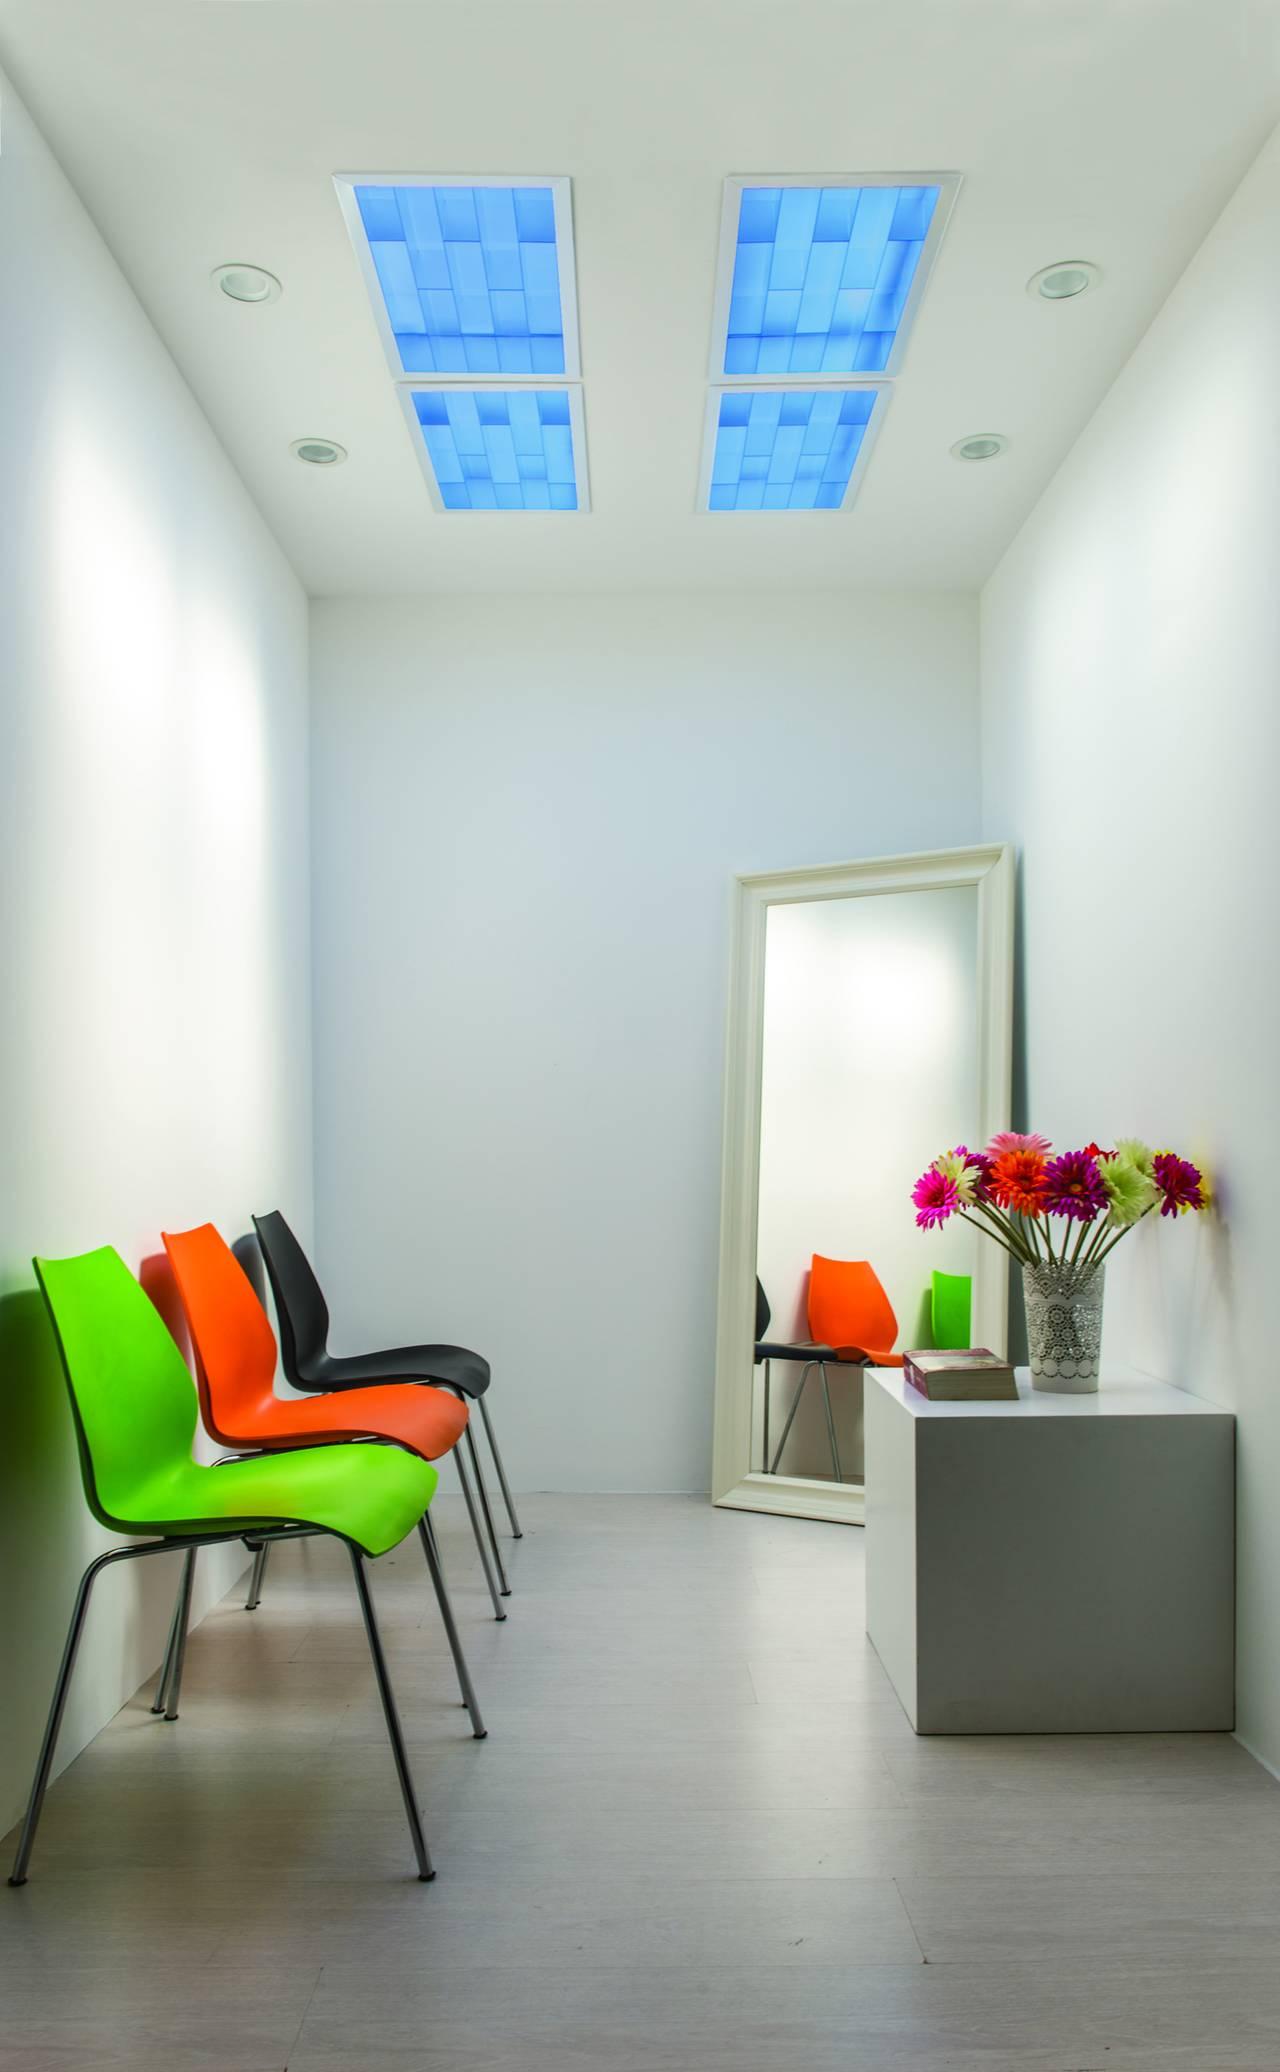 CoeLux® ST (Sky Tales), la nuova serie di finestre high-tech dalle dimensioni più compatte